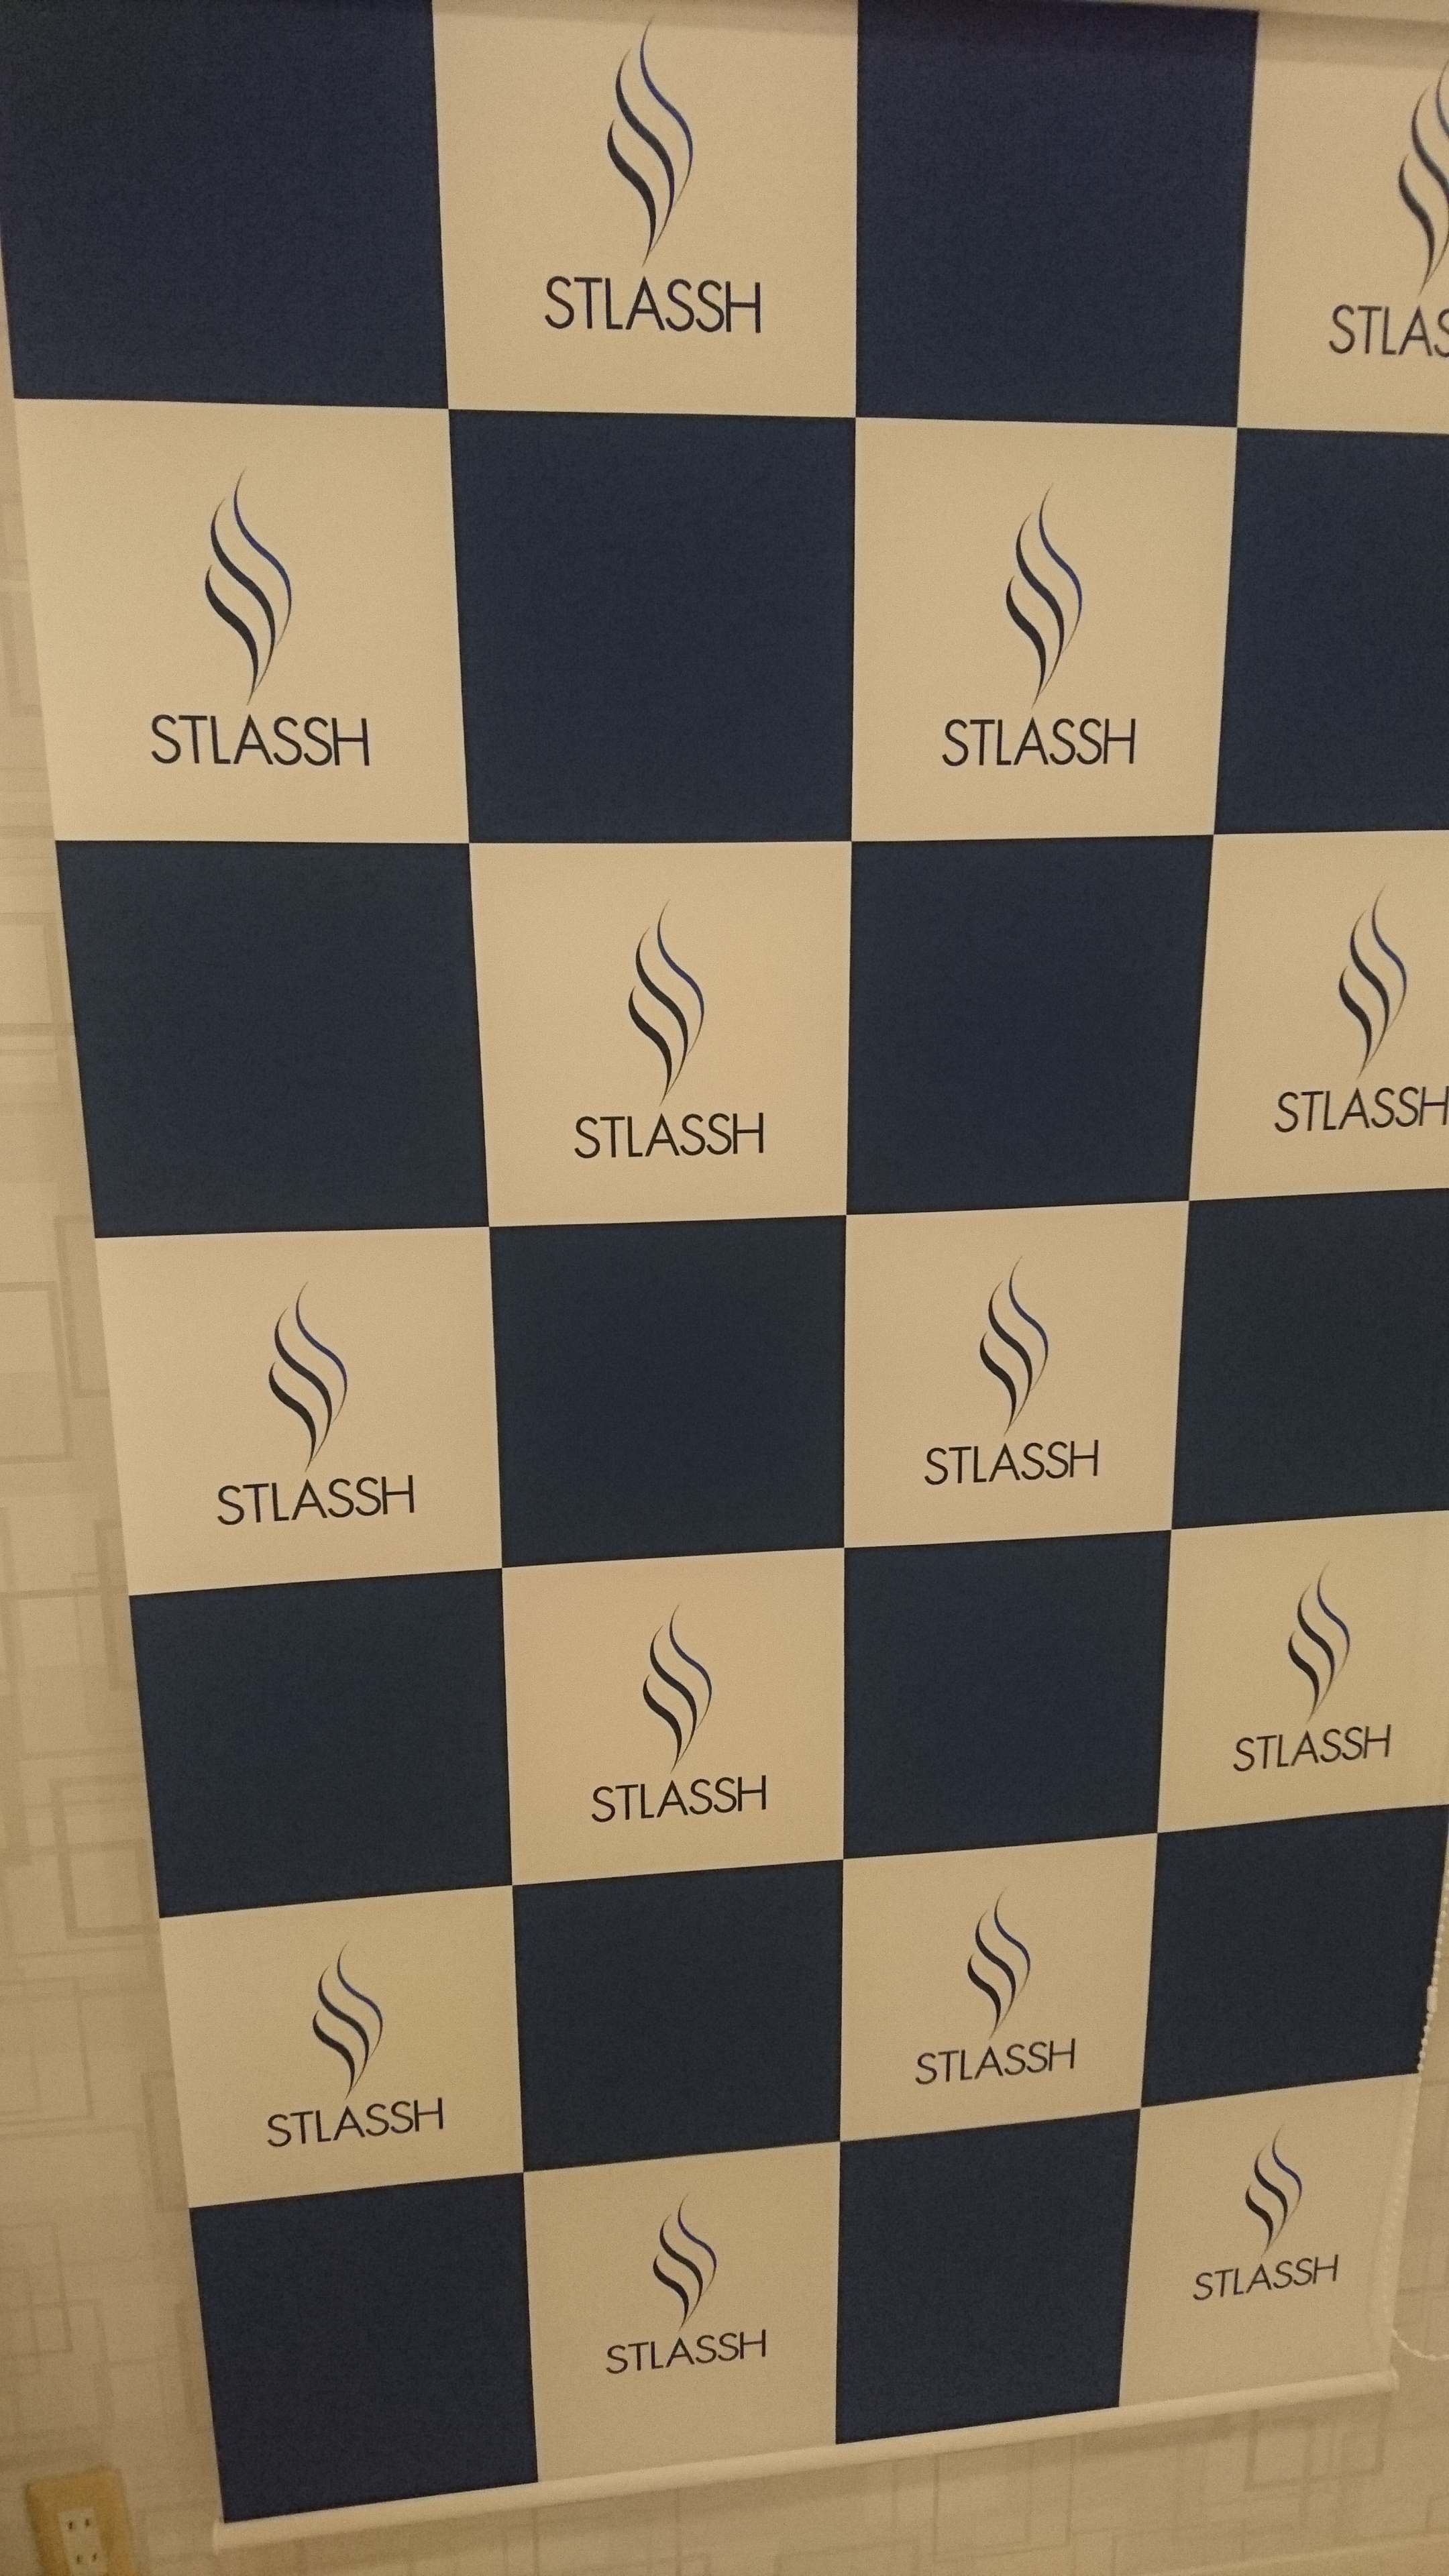 ストラッシュの壁面